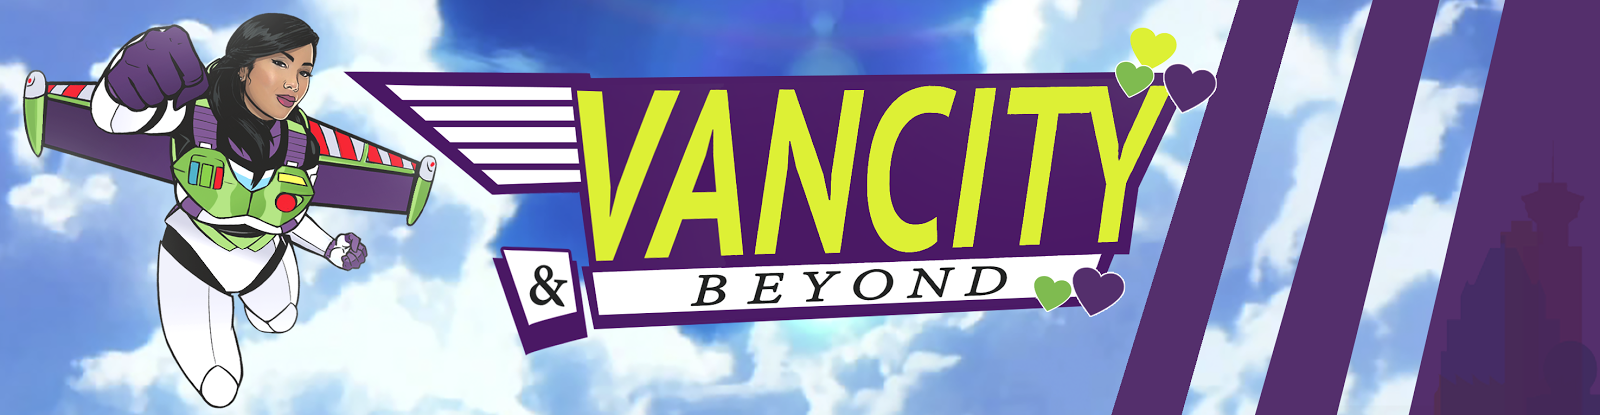 Vancity N Beyond